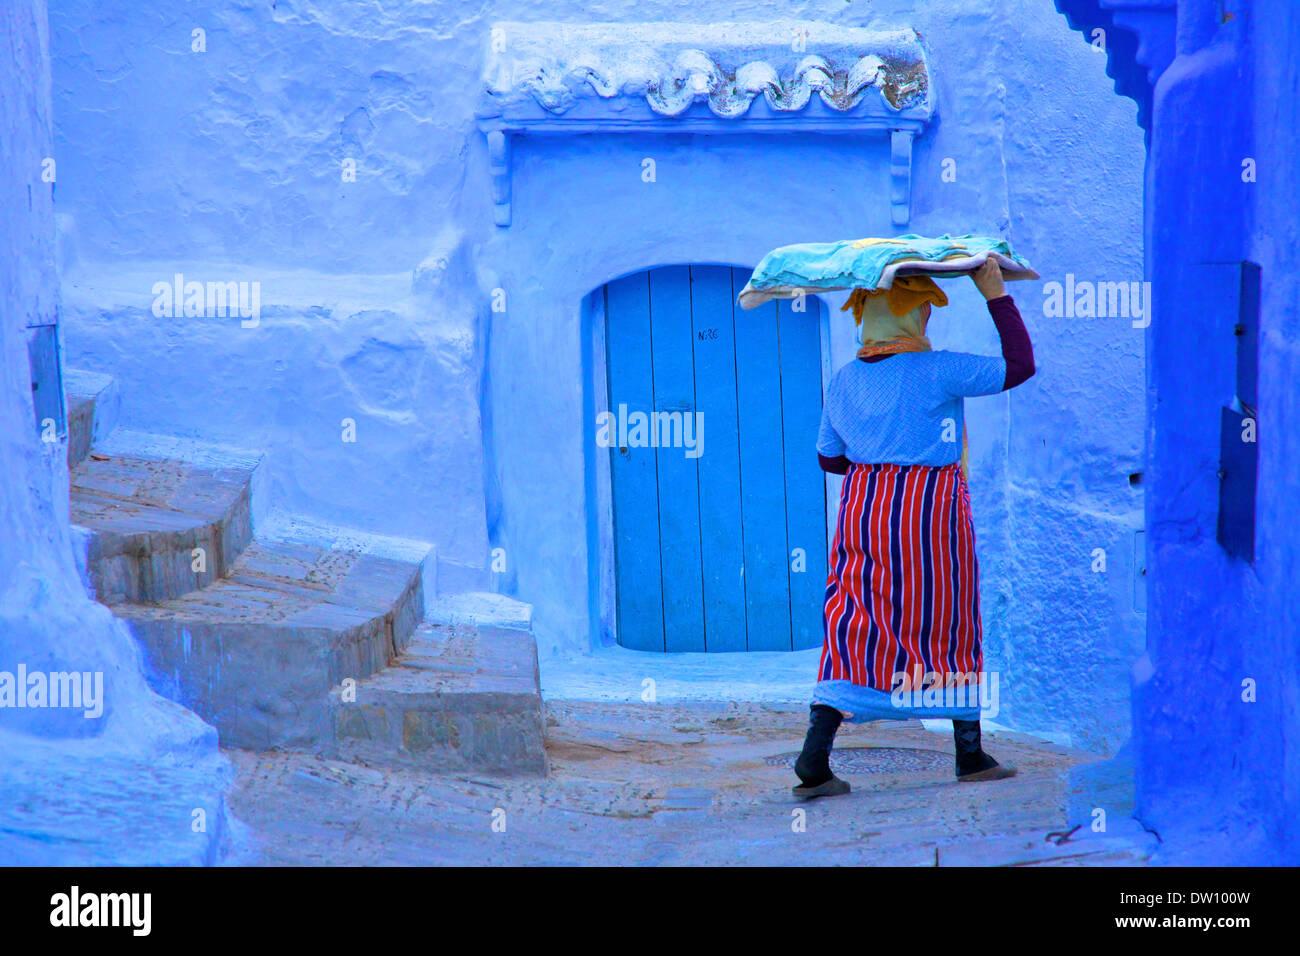 Femme en costume traditionnel portant un plateau de pâte à pain, Chefchaouen, Maroc, Afrique du Nord Photo Stock